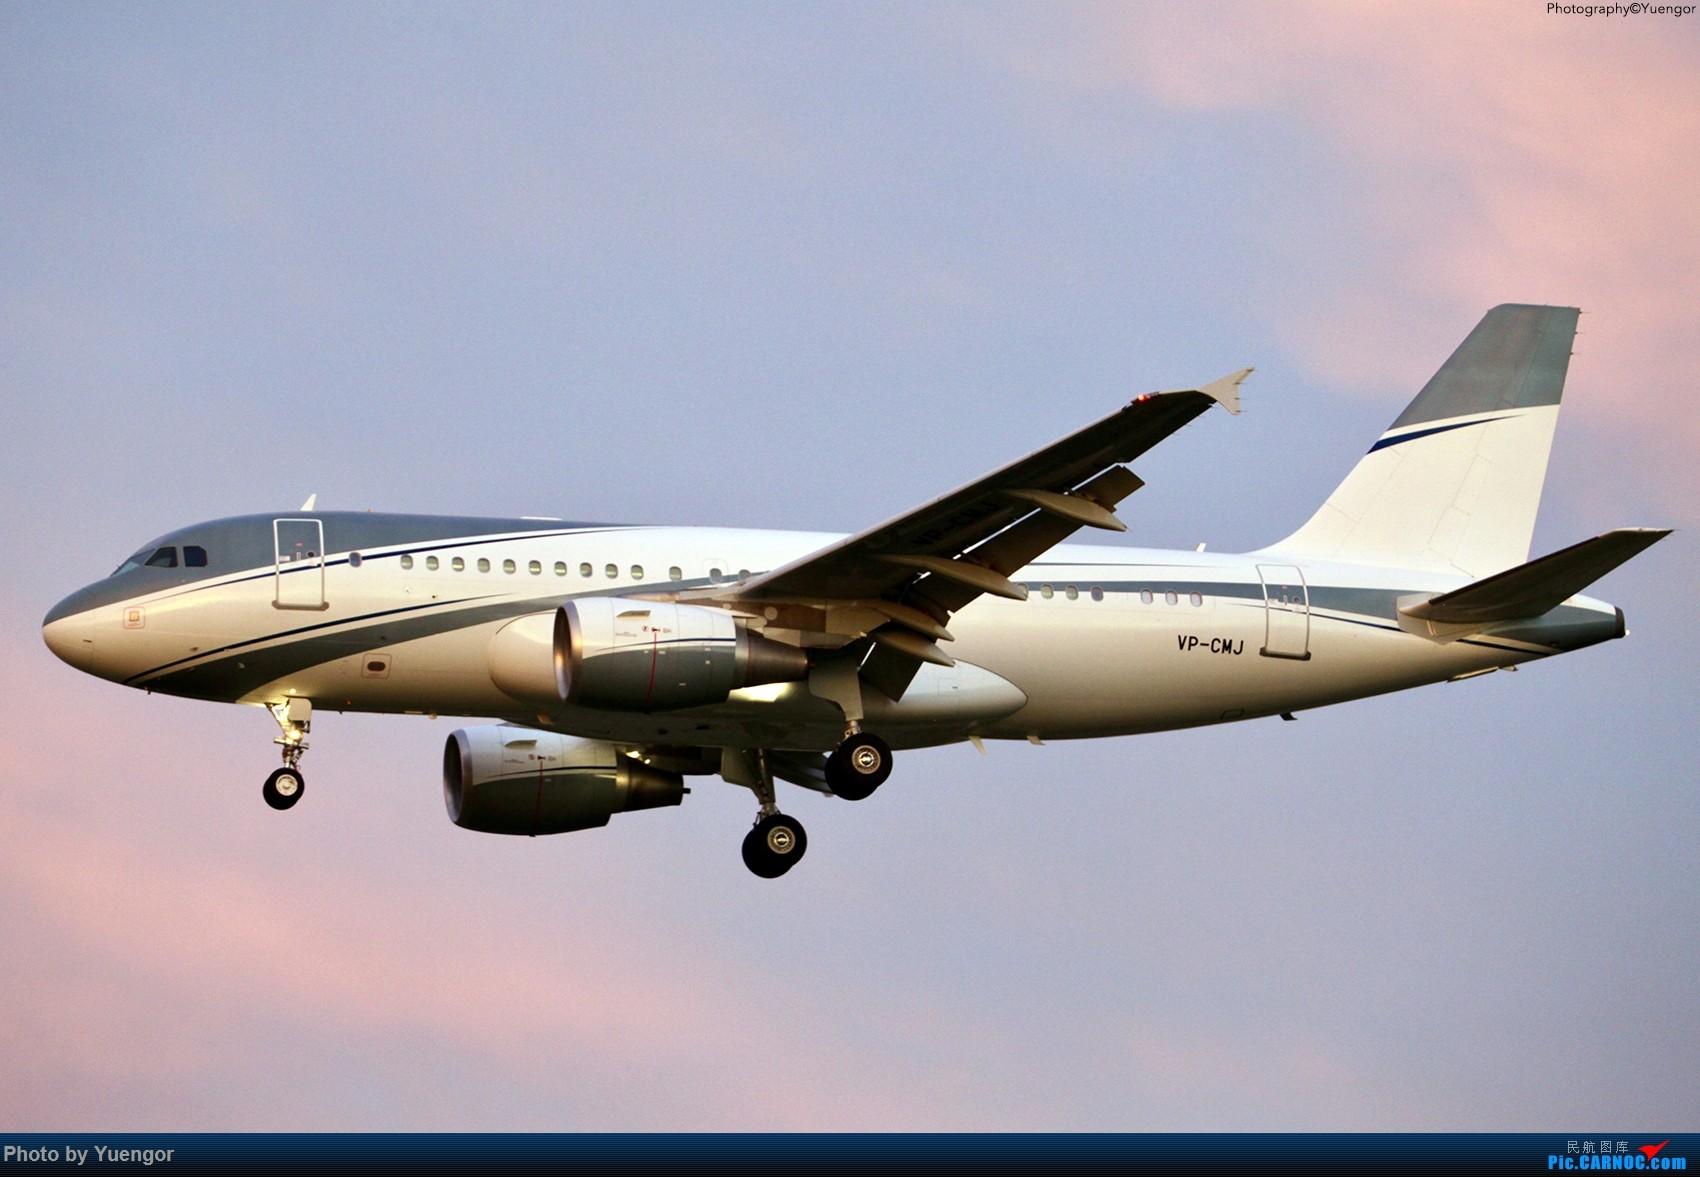 Re:[原创]【兰州飞友会】08.2016 LHW-PEK-AUH-MSQ 暑期返村 AIRBUS A319 VP-CMJ 中国北京首都国际机场